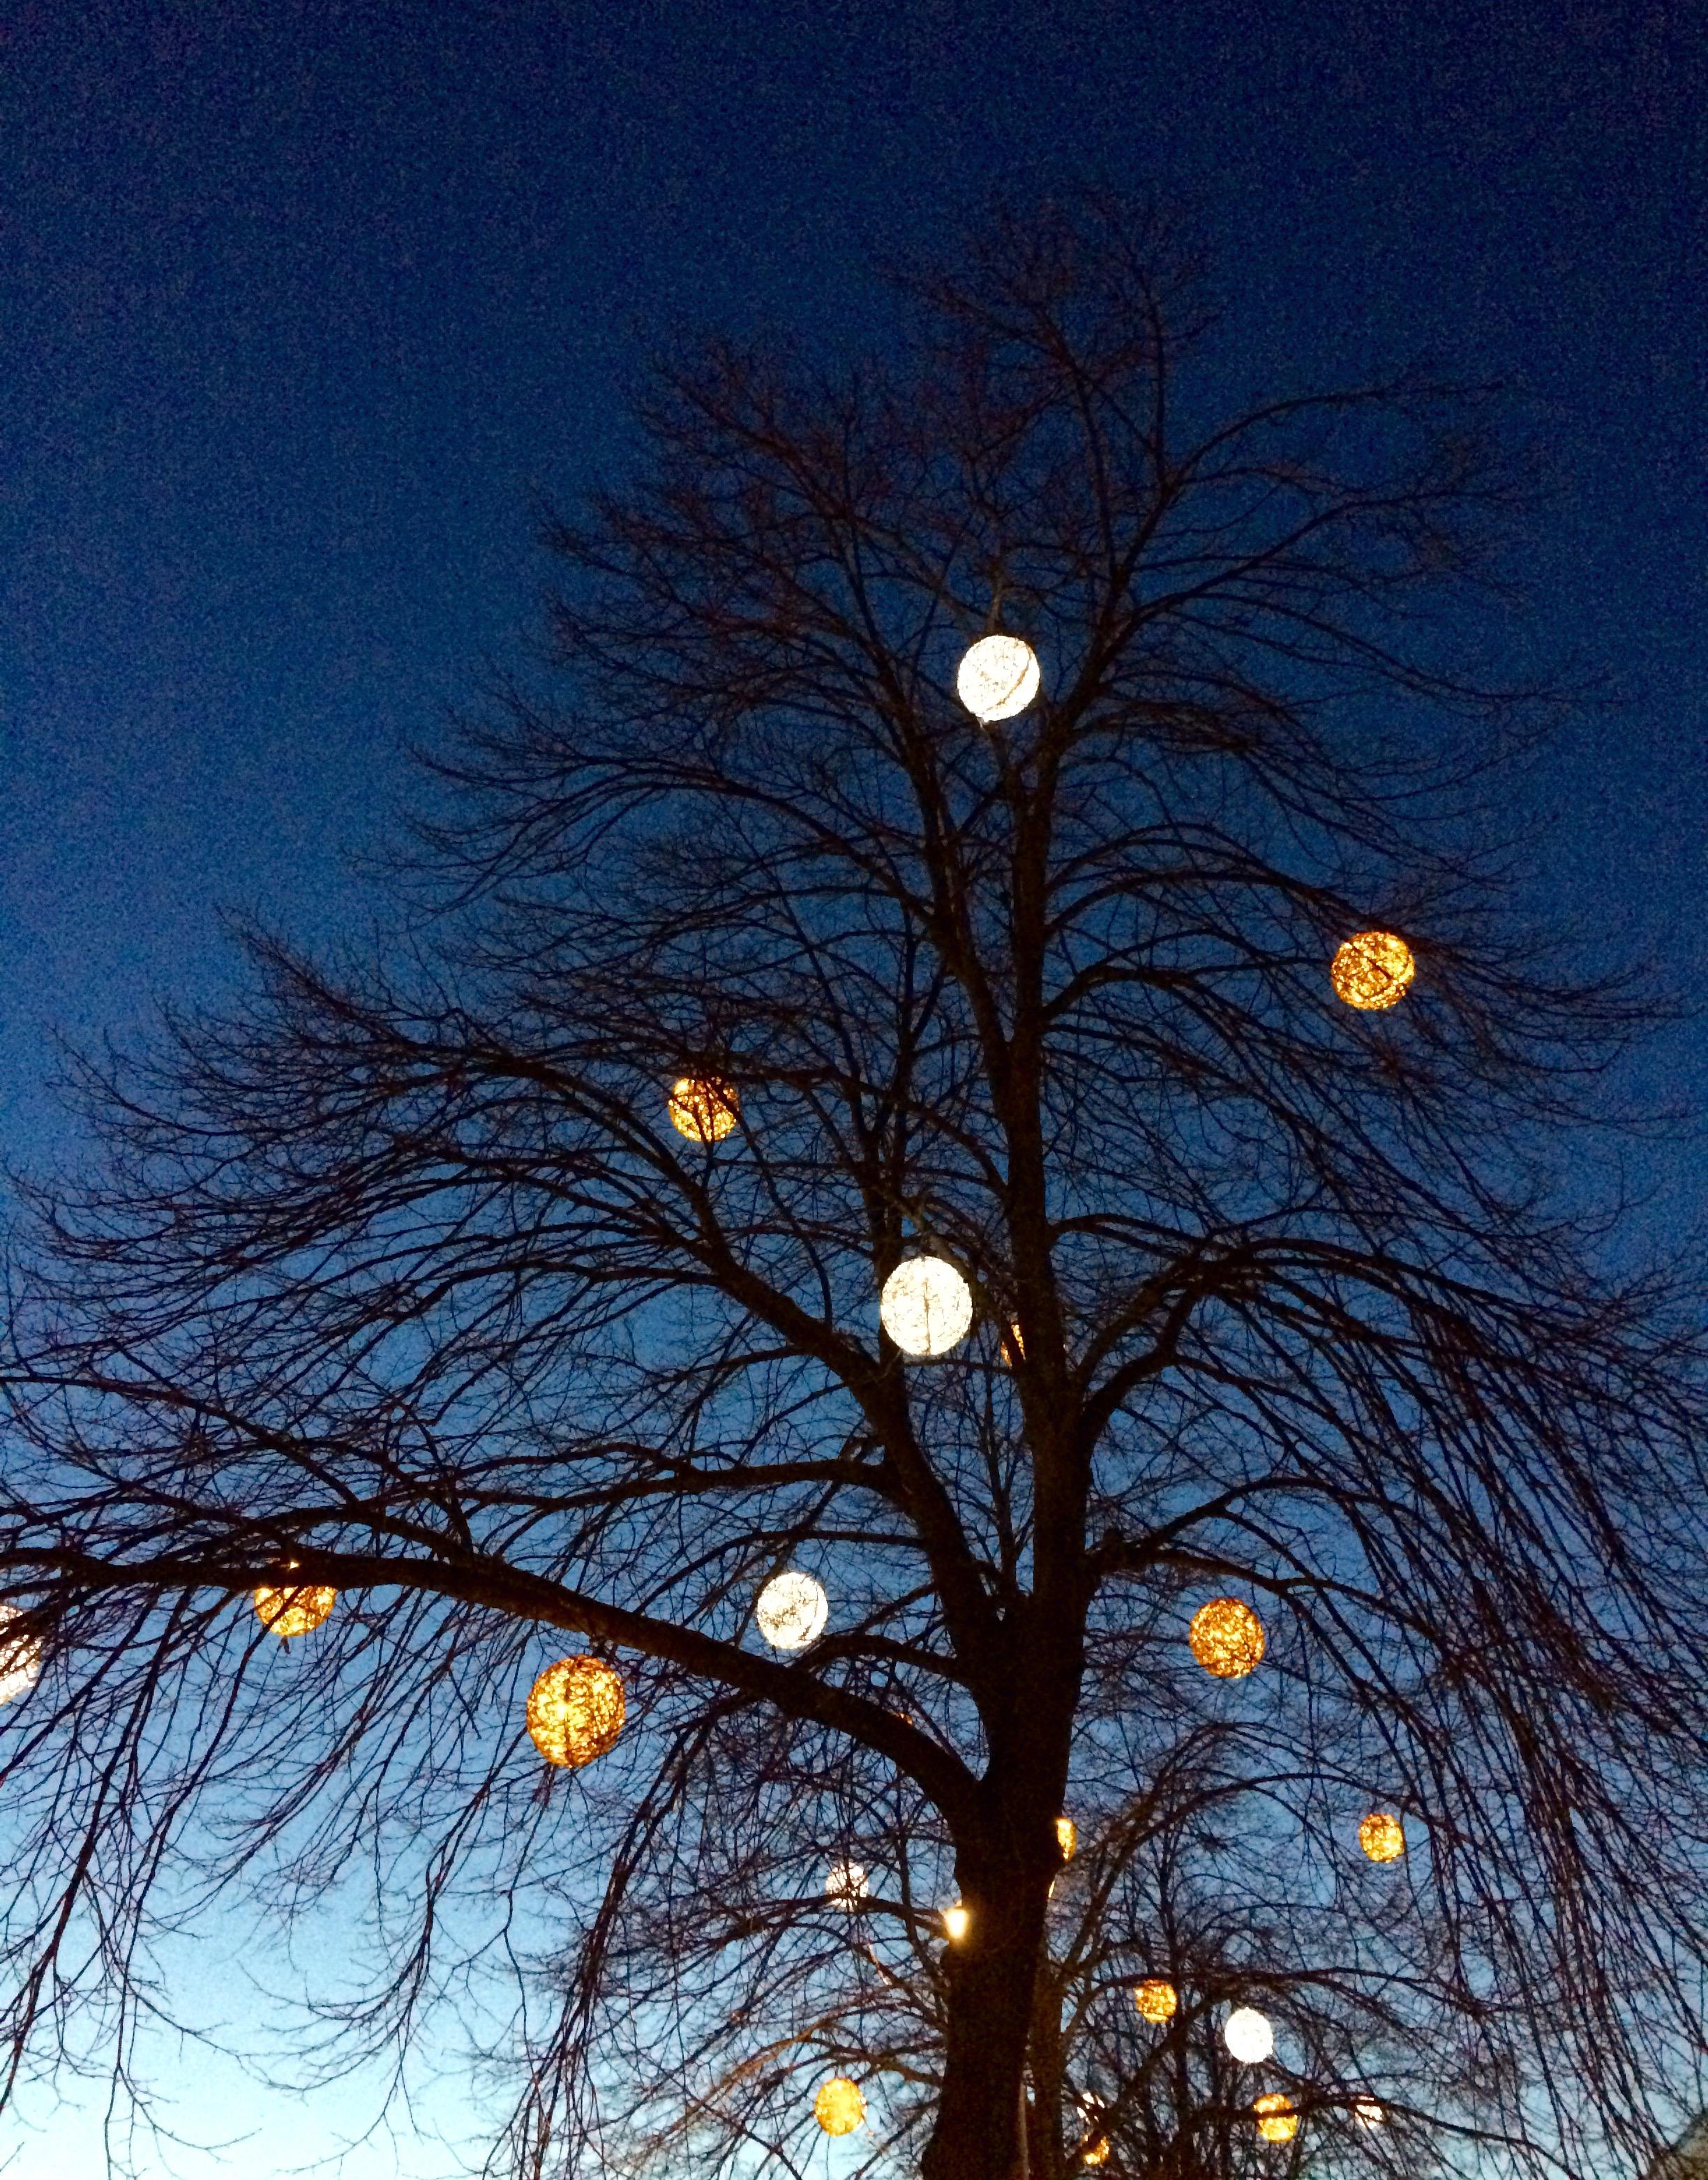 Vilka fina ljusbollar i trädet.